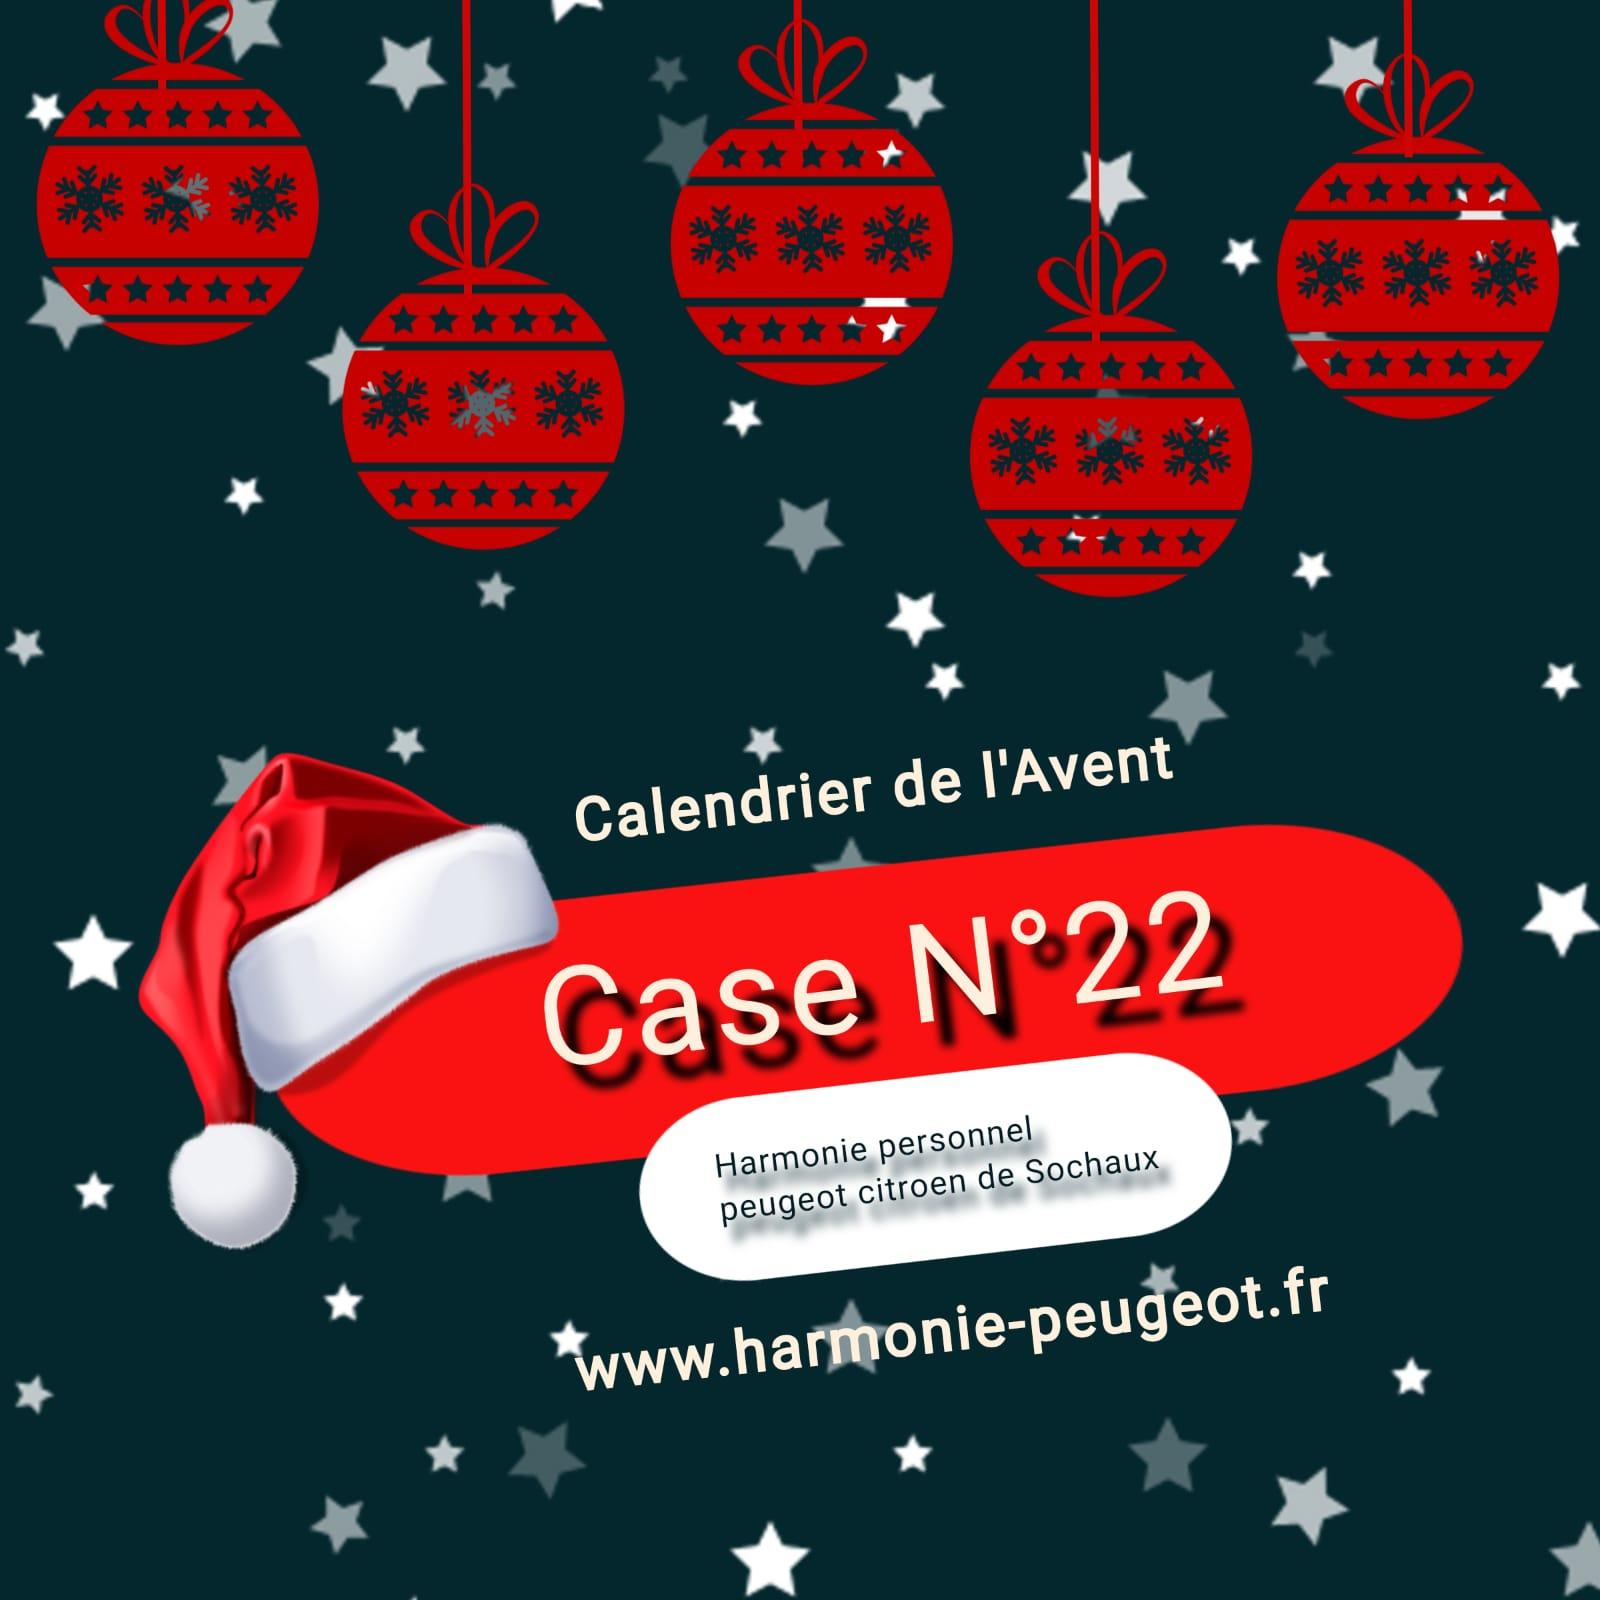 Case N°22 – Calendrier de l'Avent 2020